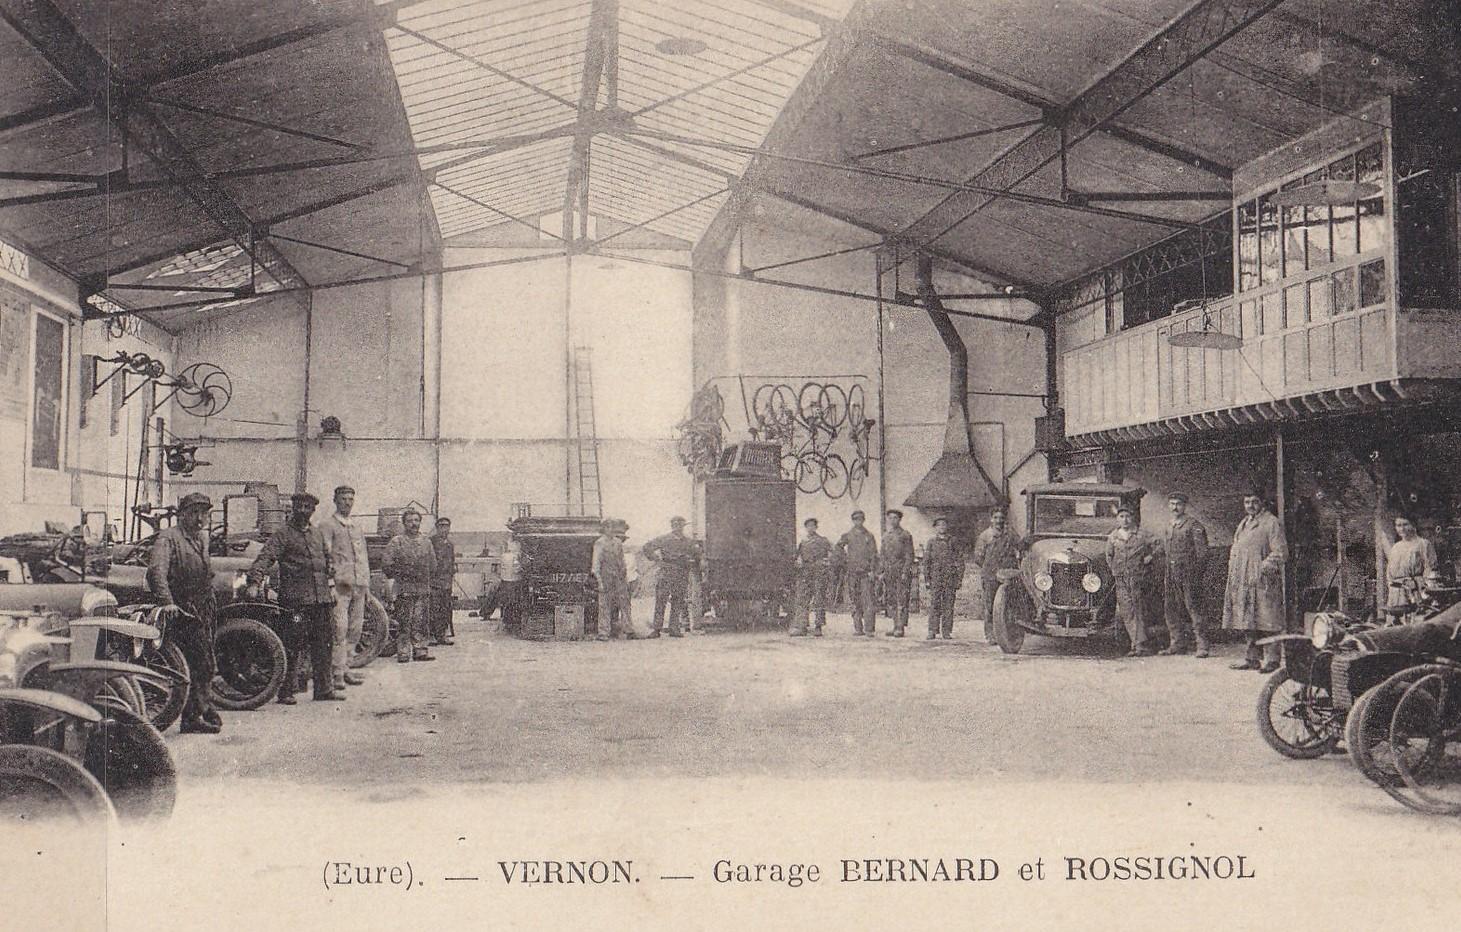 renault-Le-garage-Rossignol-24-uur-later-was-alles-plat-gebombardeerd